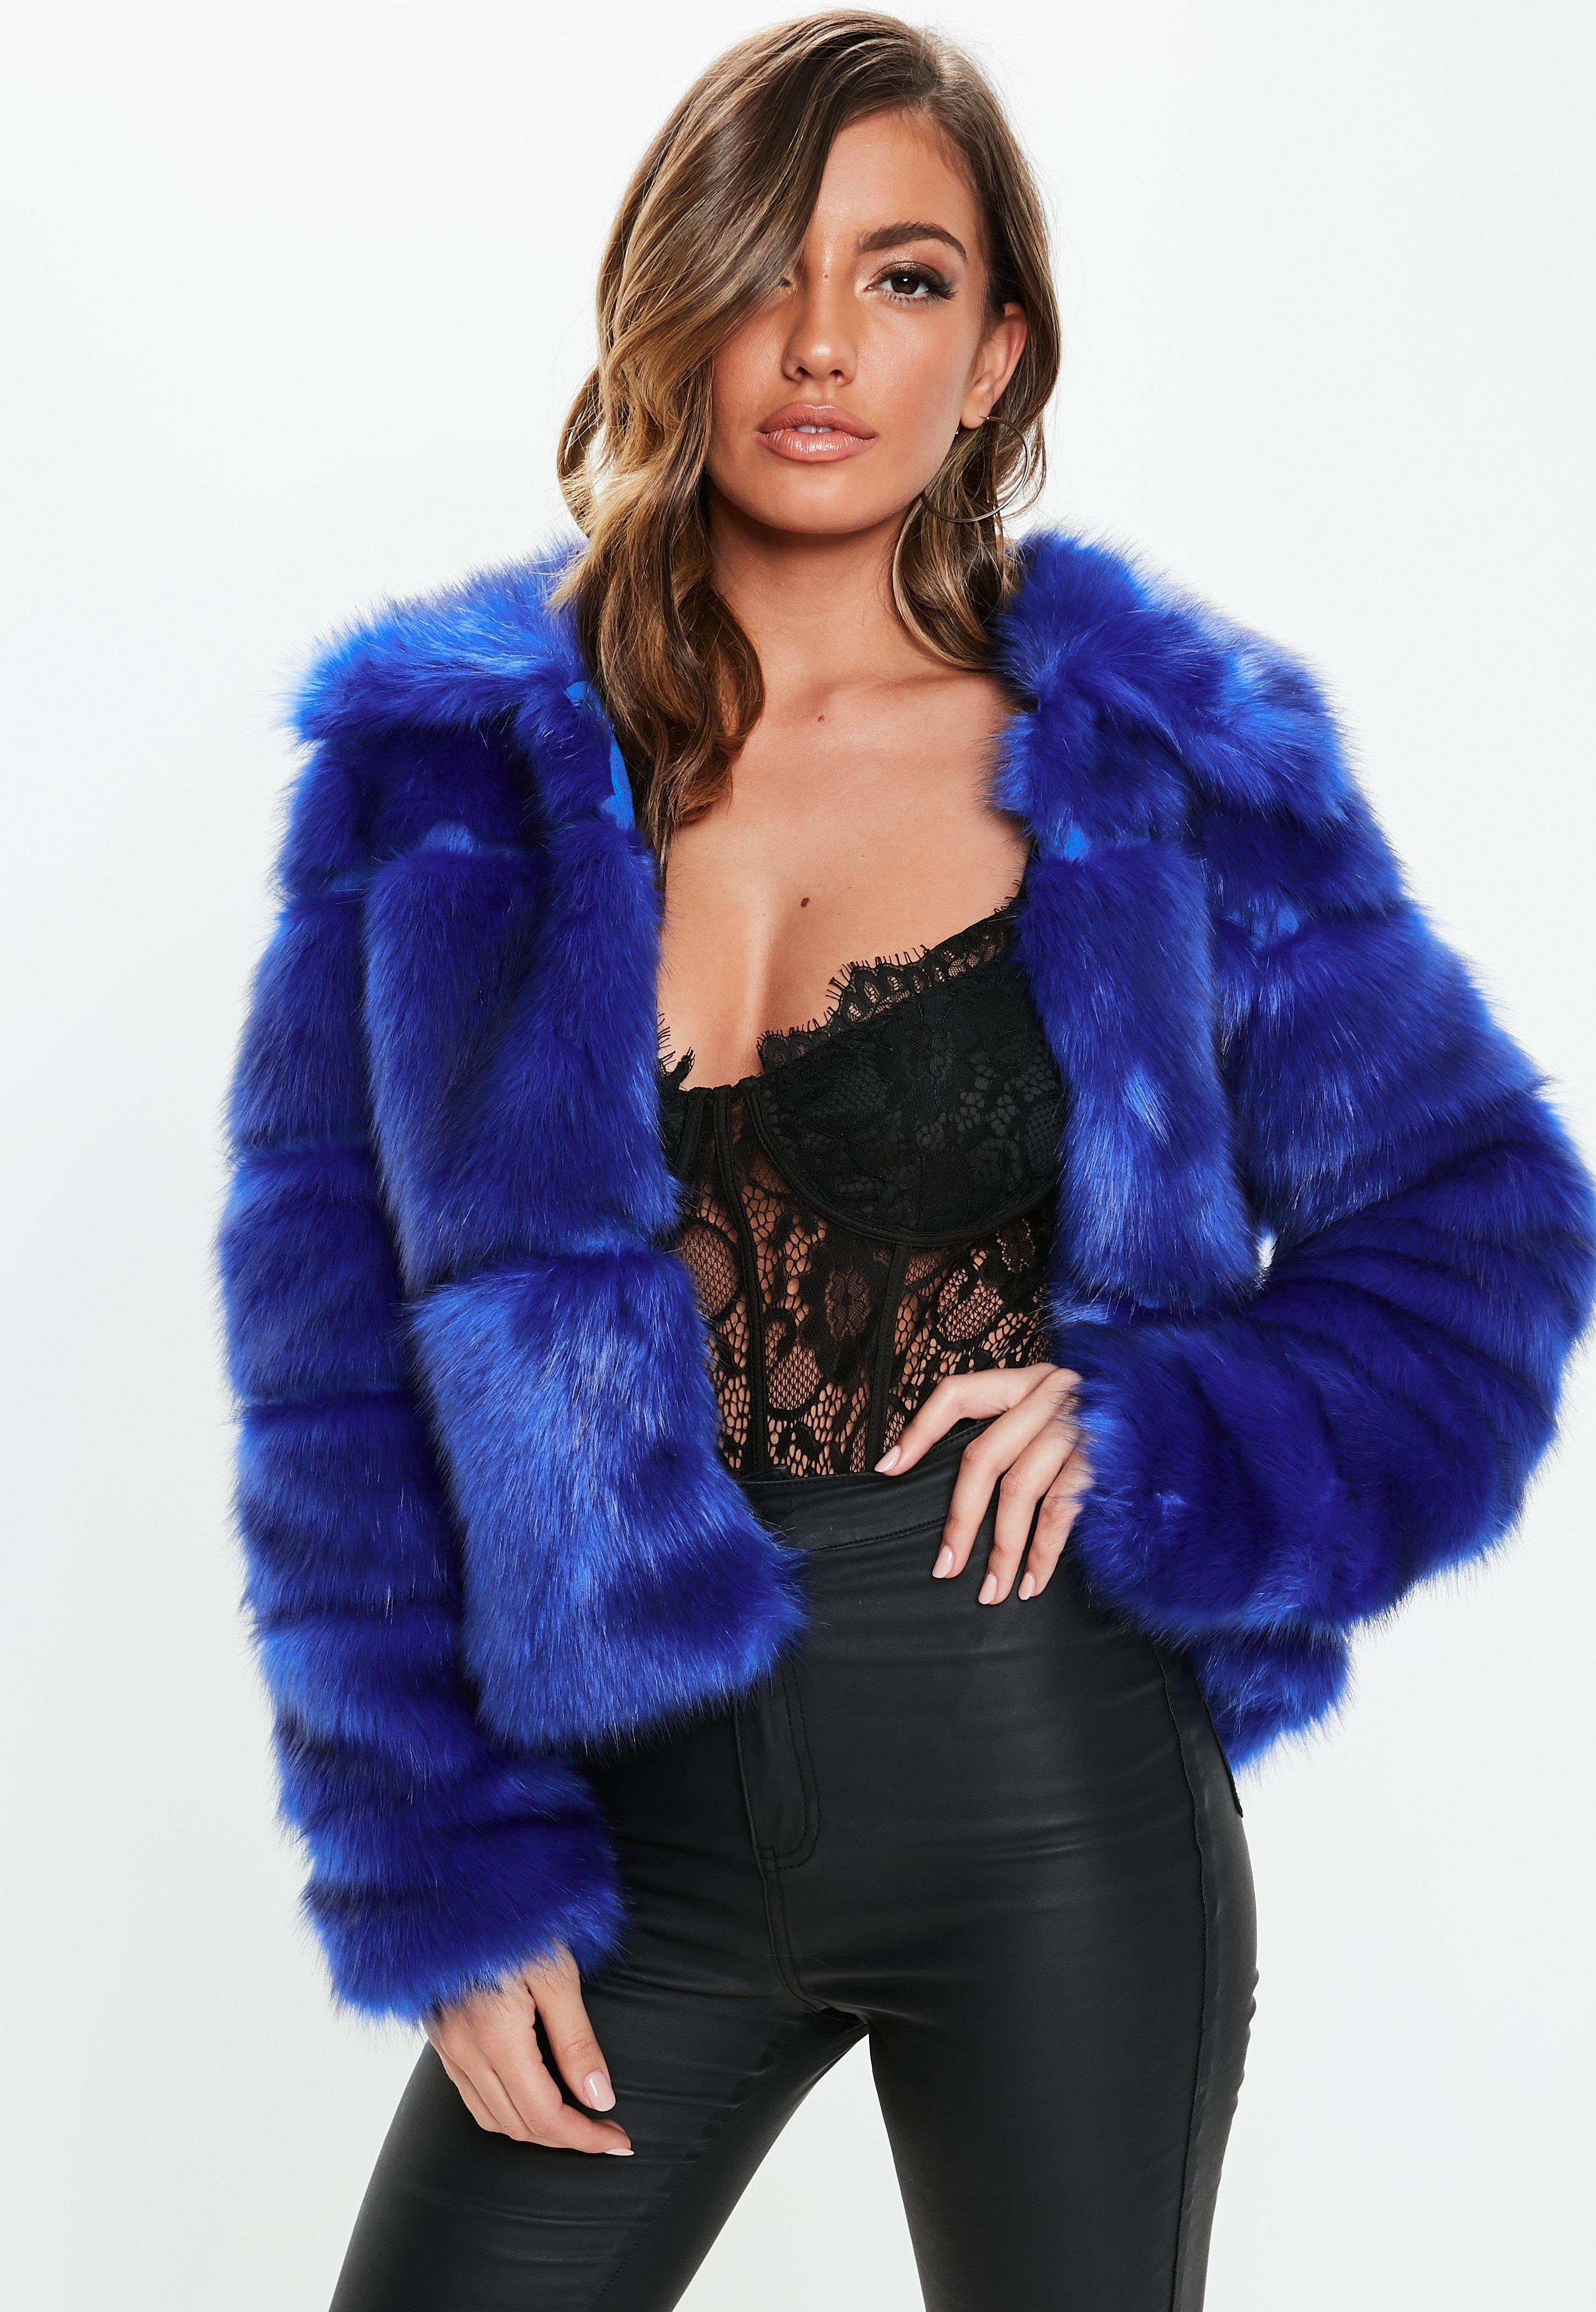 blue faux fur jacket